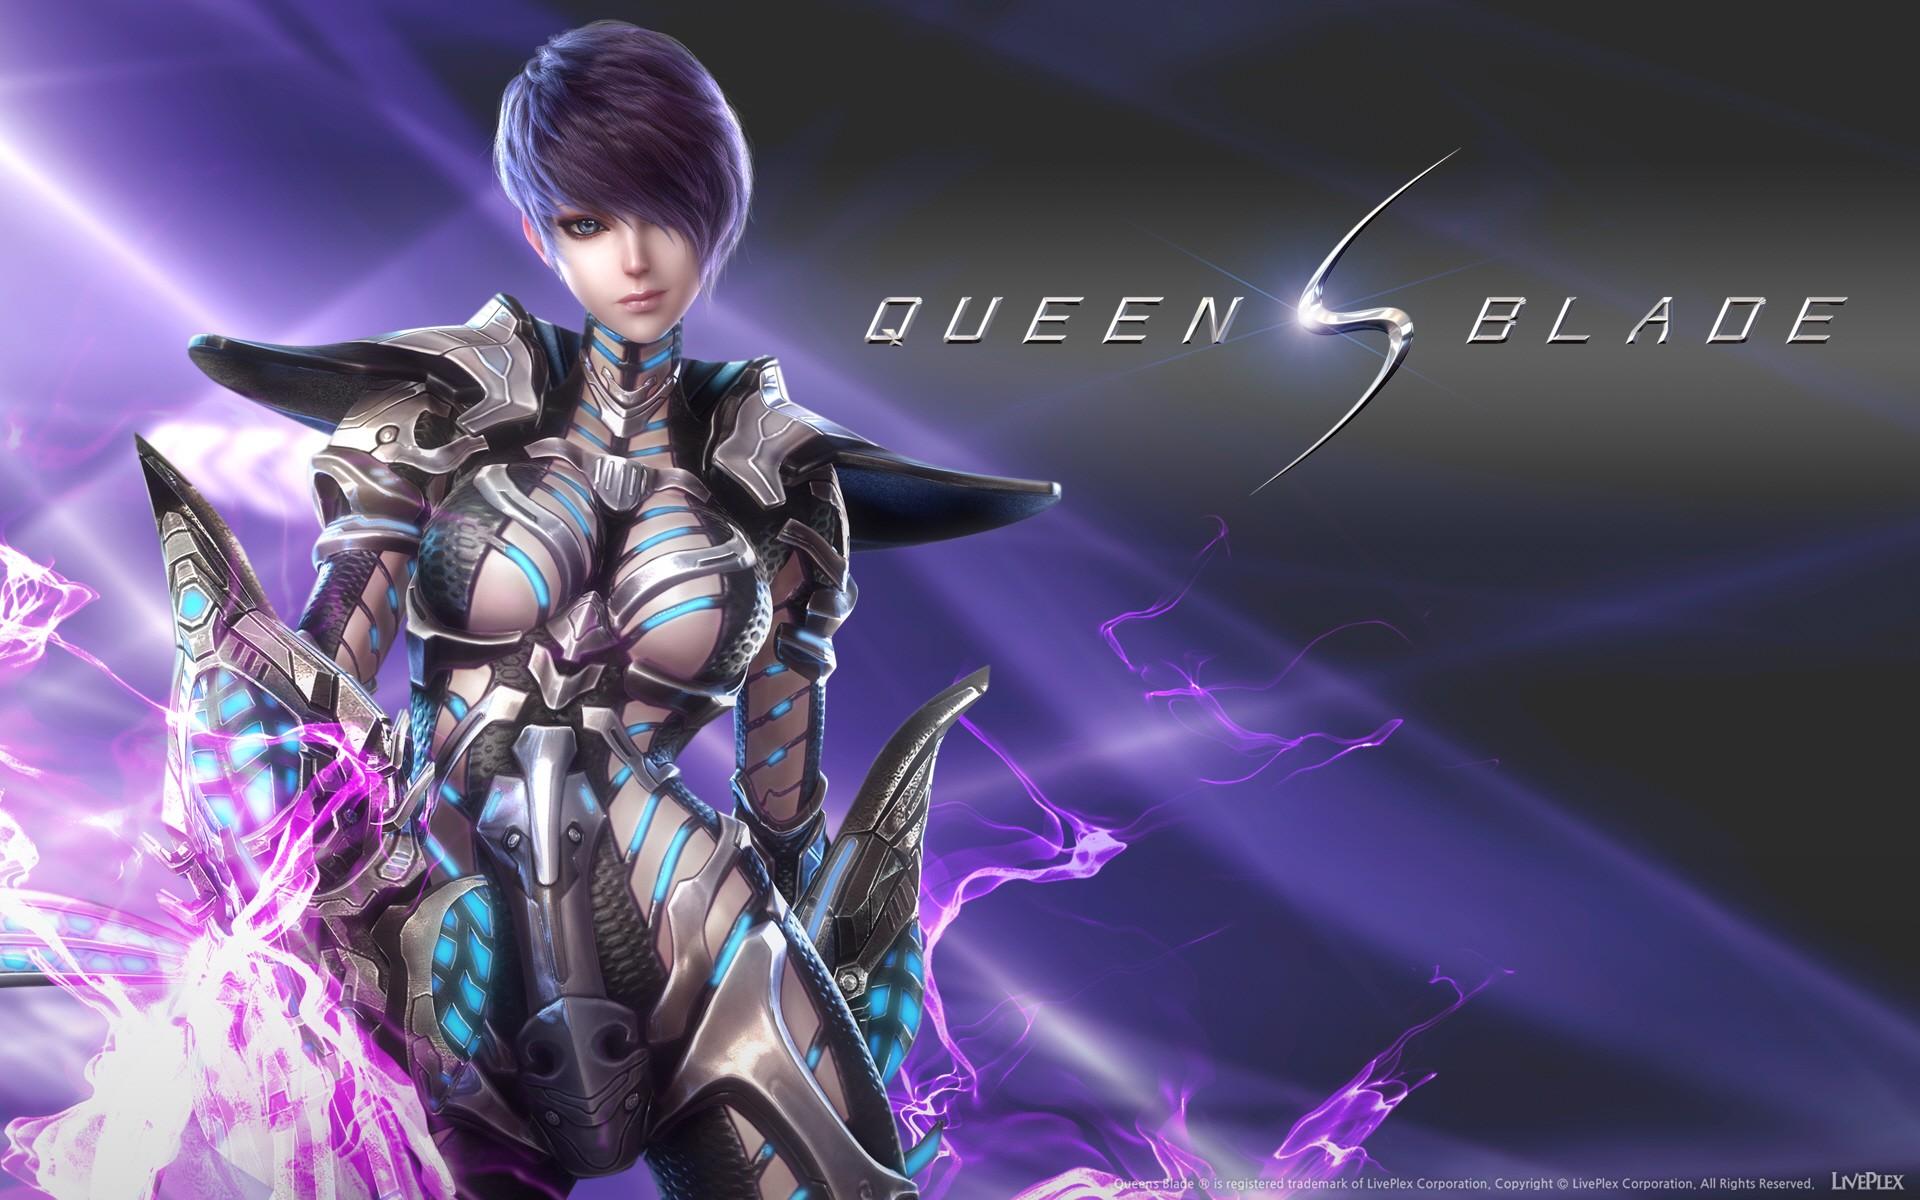 Queens Blade Wallpaper 1920x1200 Queens Blade Queens 1920x1200